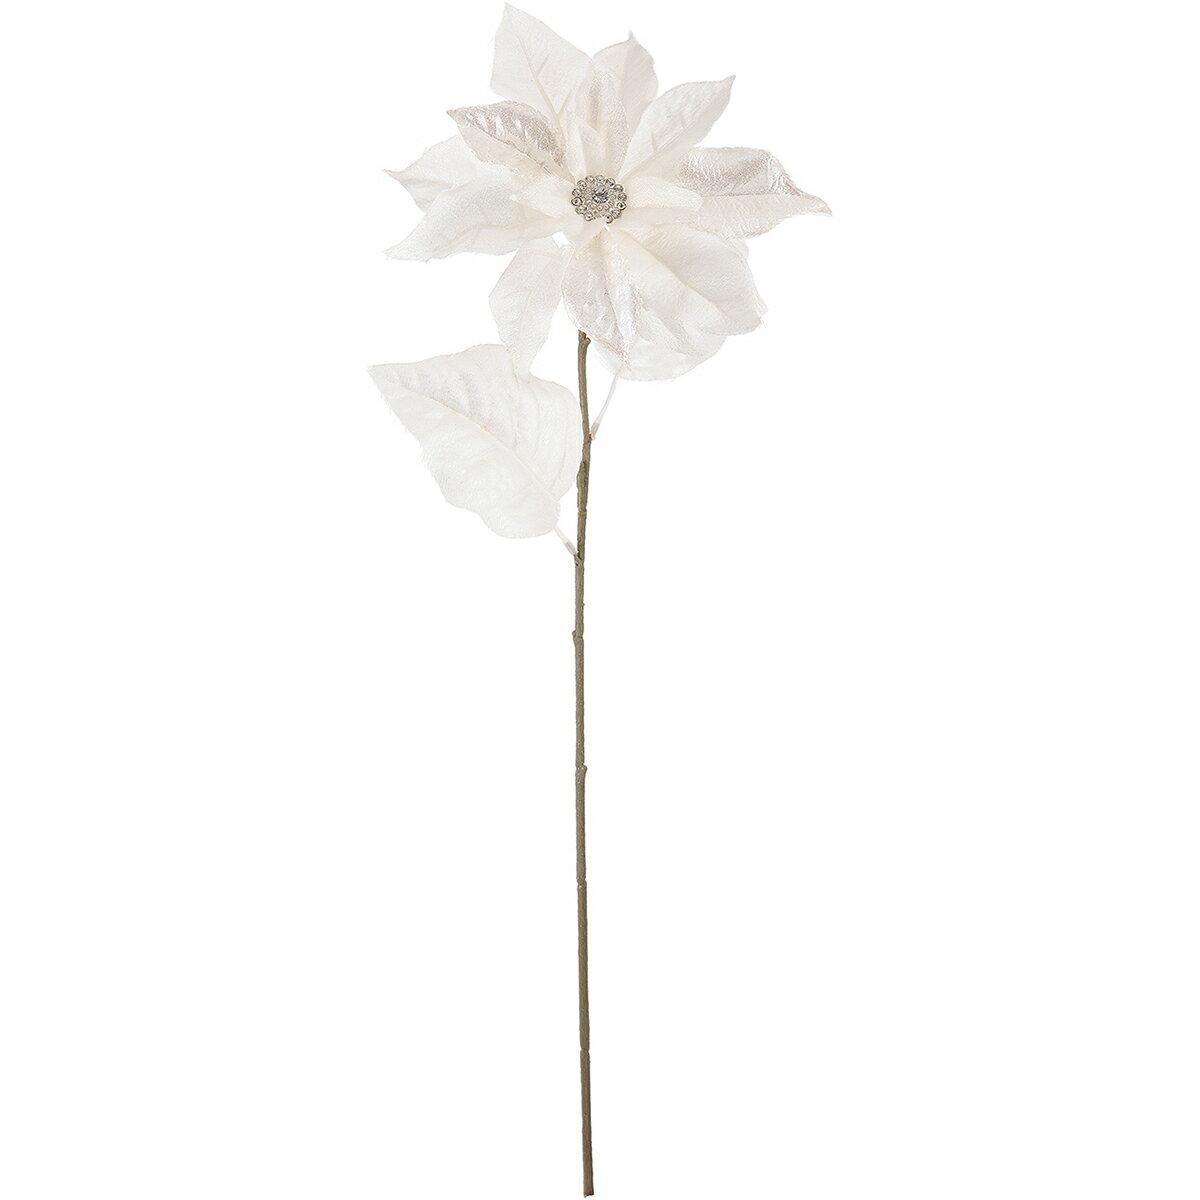 【造花】MAGIQ(東京堂)/シュプリームポインセチア #1 ホワイト/FX009400-001【01】【取寄】《 造花(アーティフィシャルフラワー) 造花 花材「は行」 ポインセチア 》